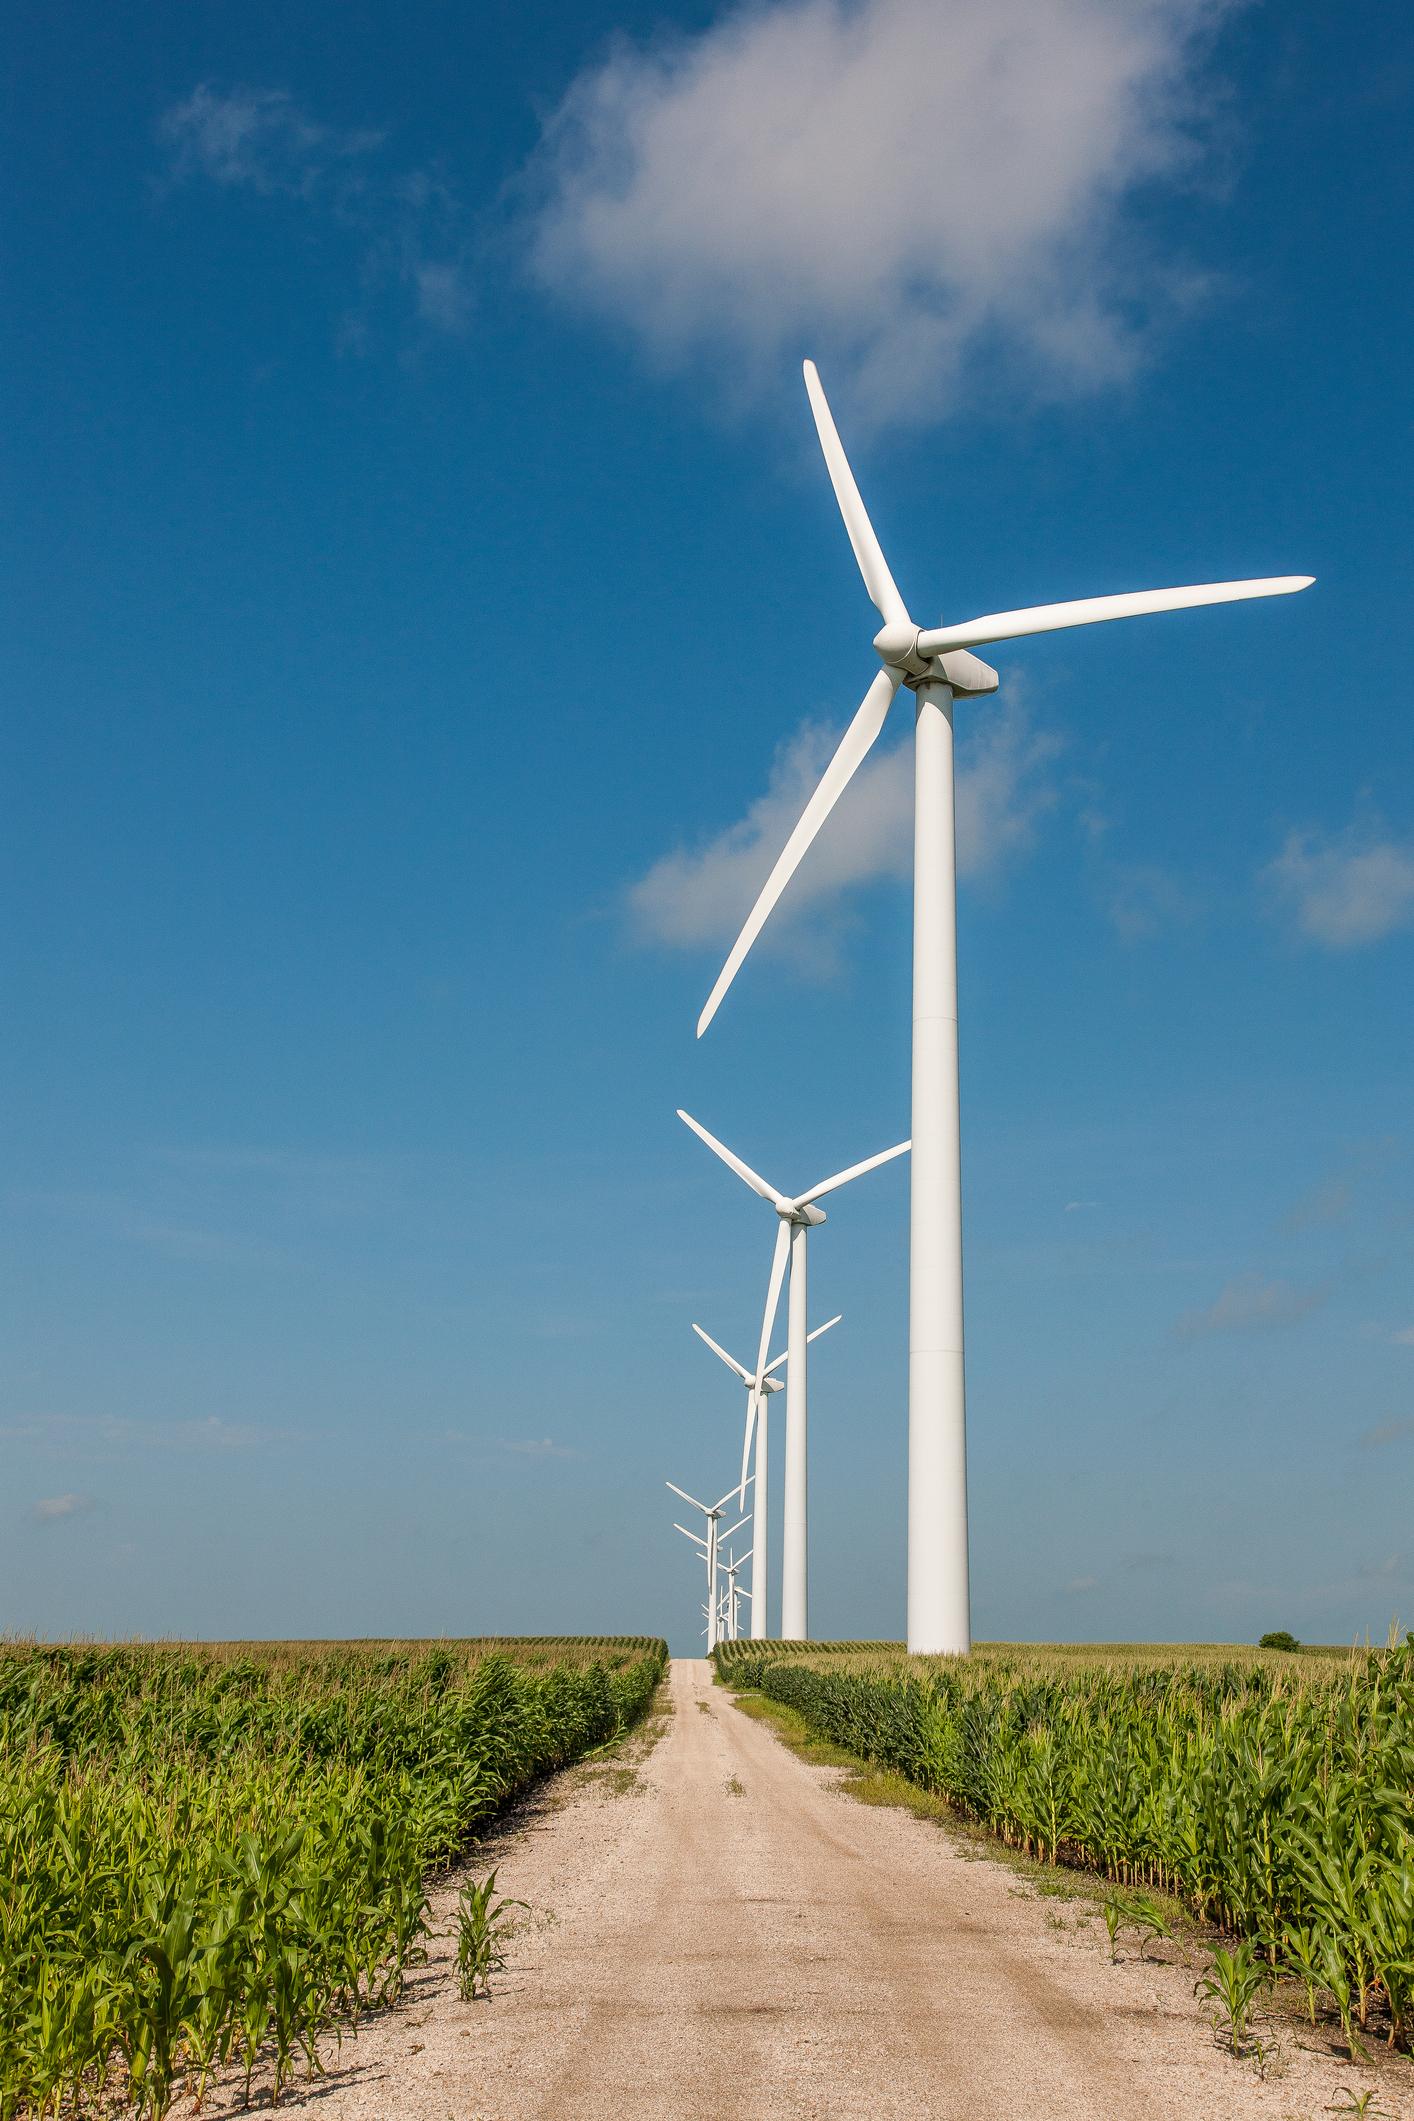 كيف تعمل طاقة الرّياح؟ | كيف تعمل الاشياء | المرام للعلوم